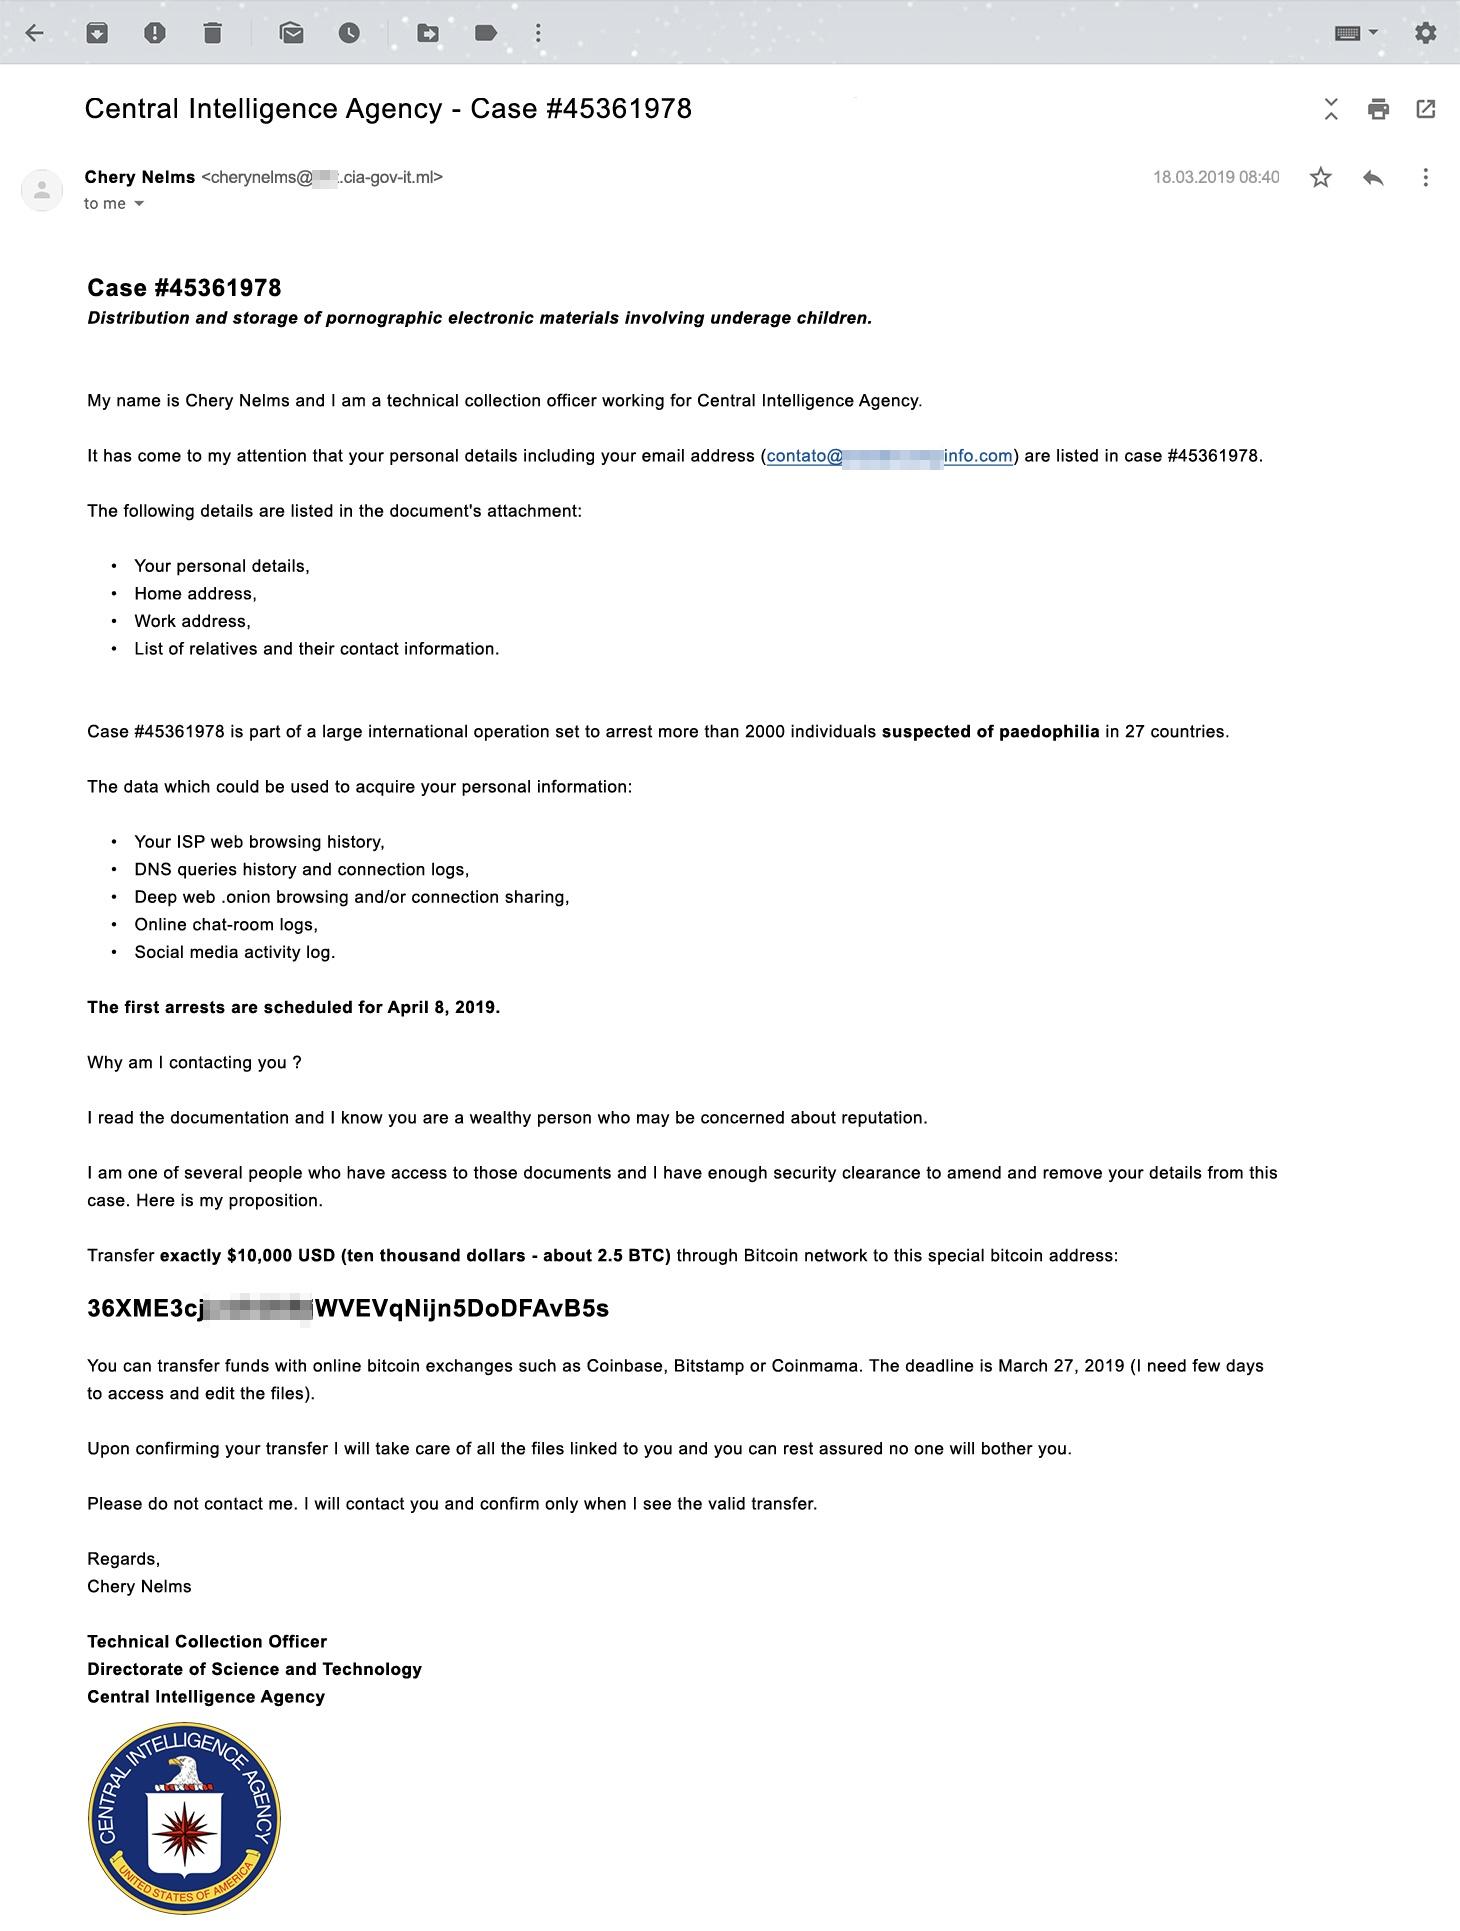 Esempio di e-mail di estorsione in cui l'utente viene minacciato di arresto per possesso di pornografia infantile.